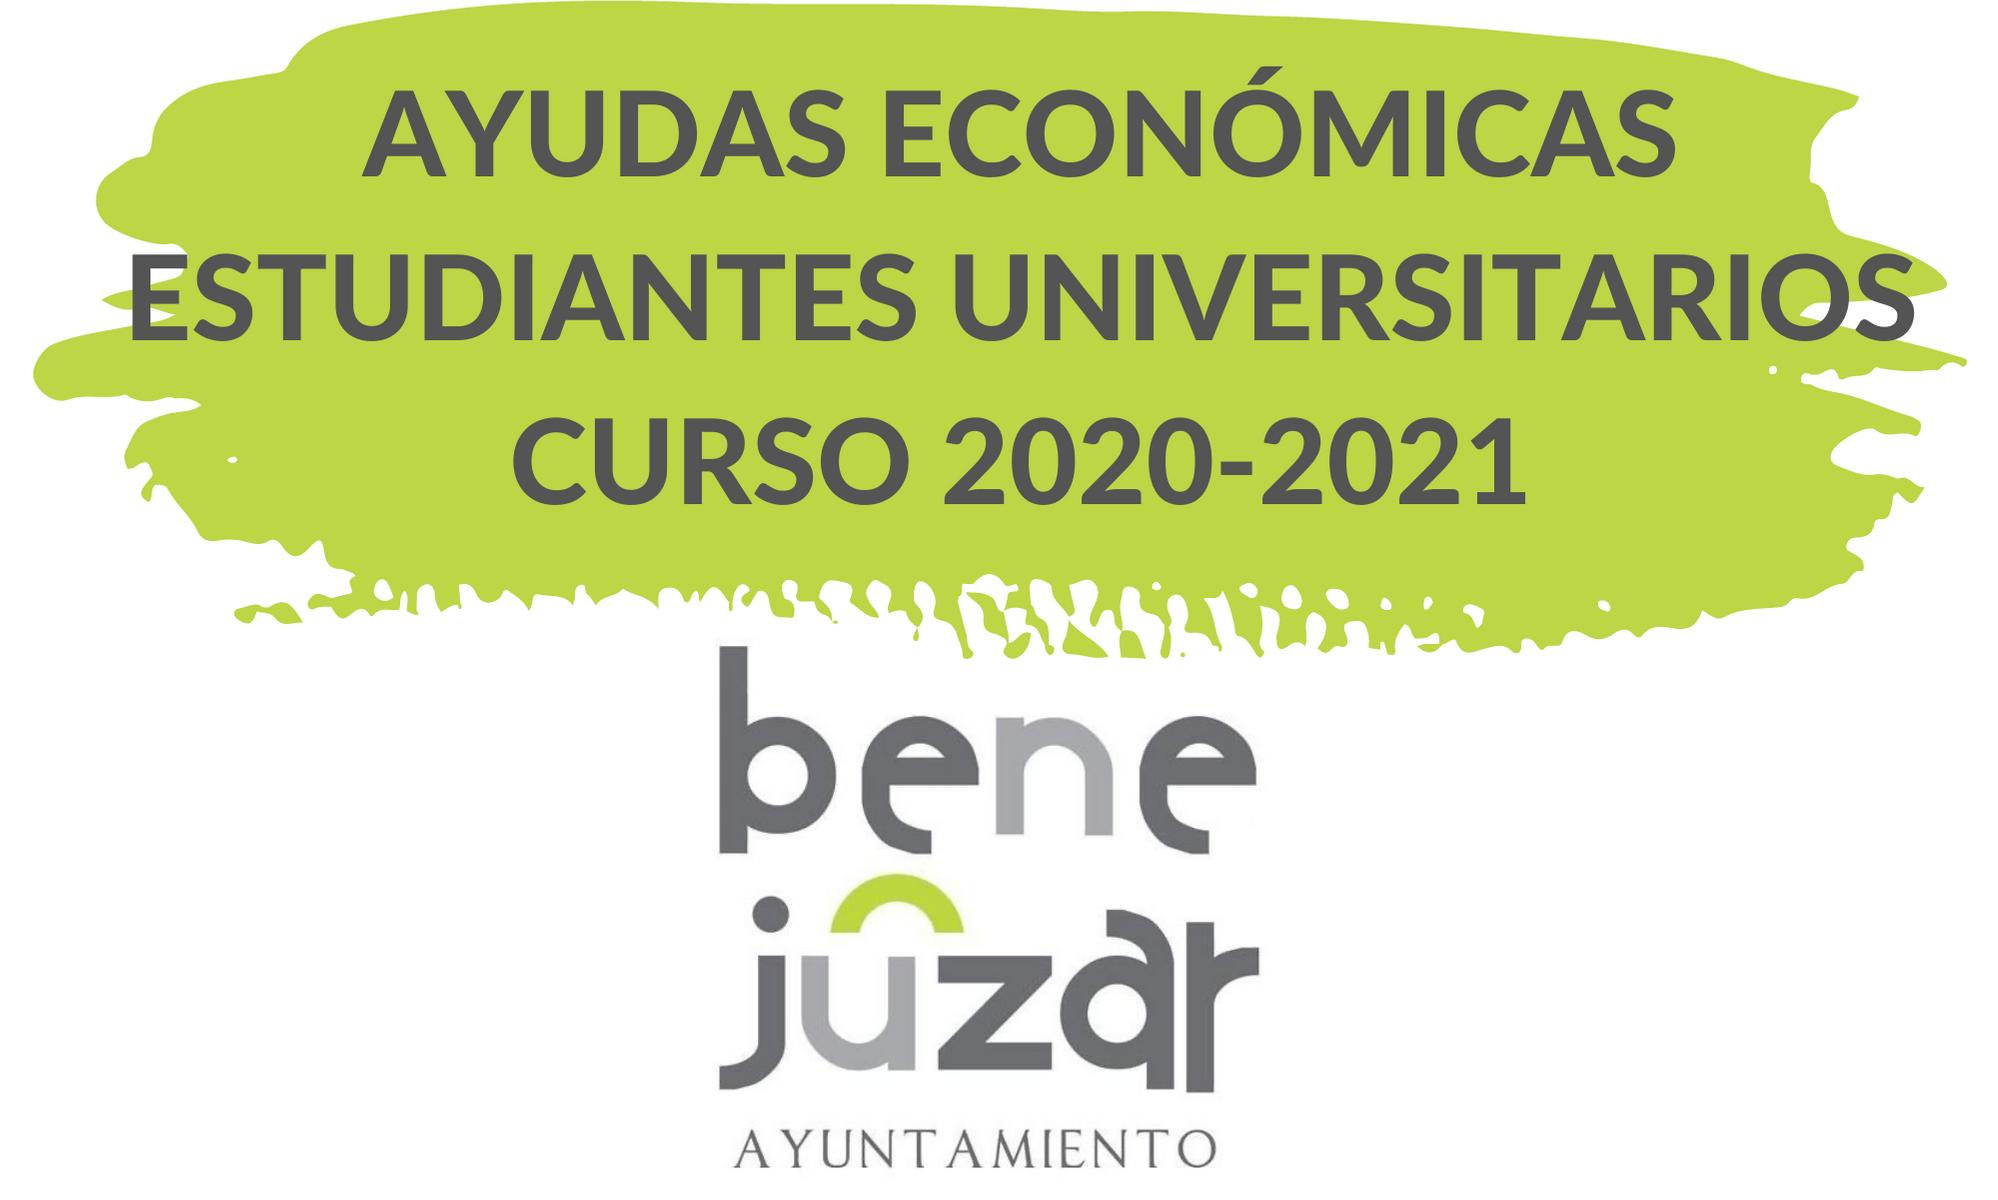 AYUDAS ESTUDIANTES UNIVERSITARIOS CURSO 2020-2021 (1)